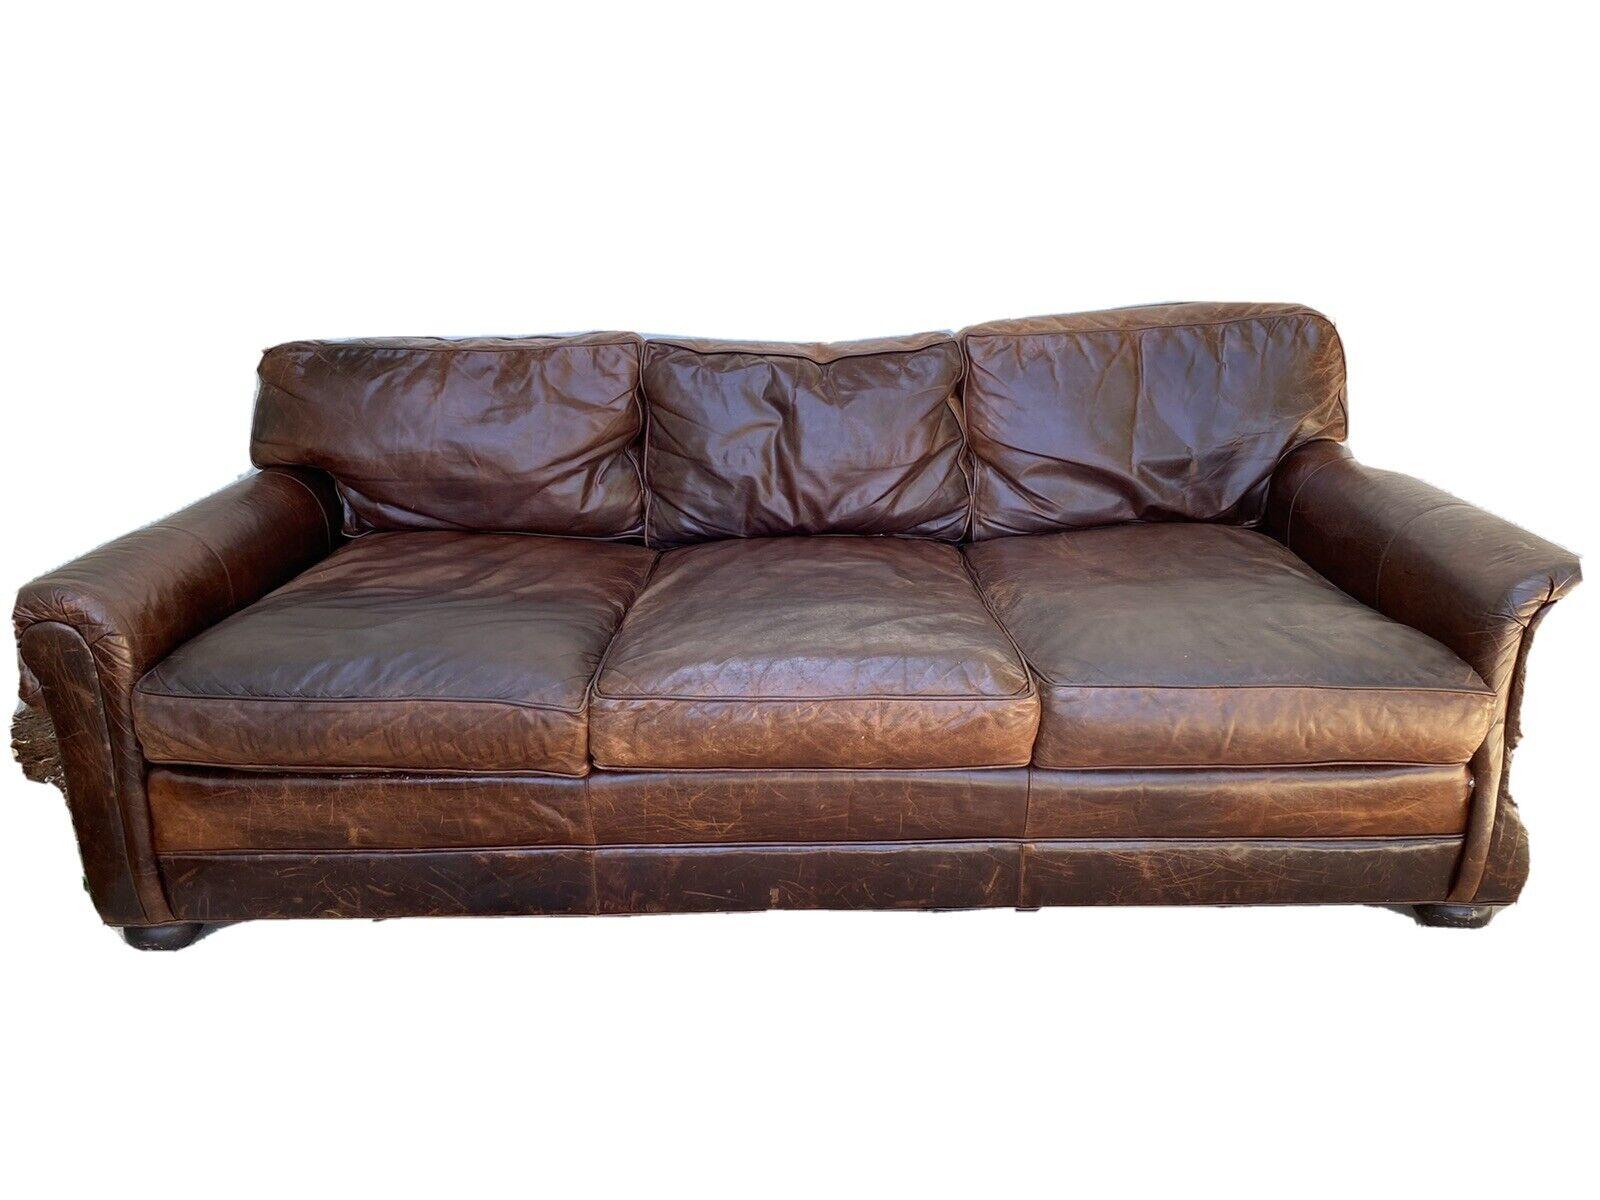 Restoration Hardware Original Lancaster Leather Sofa For Sale Online